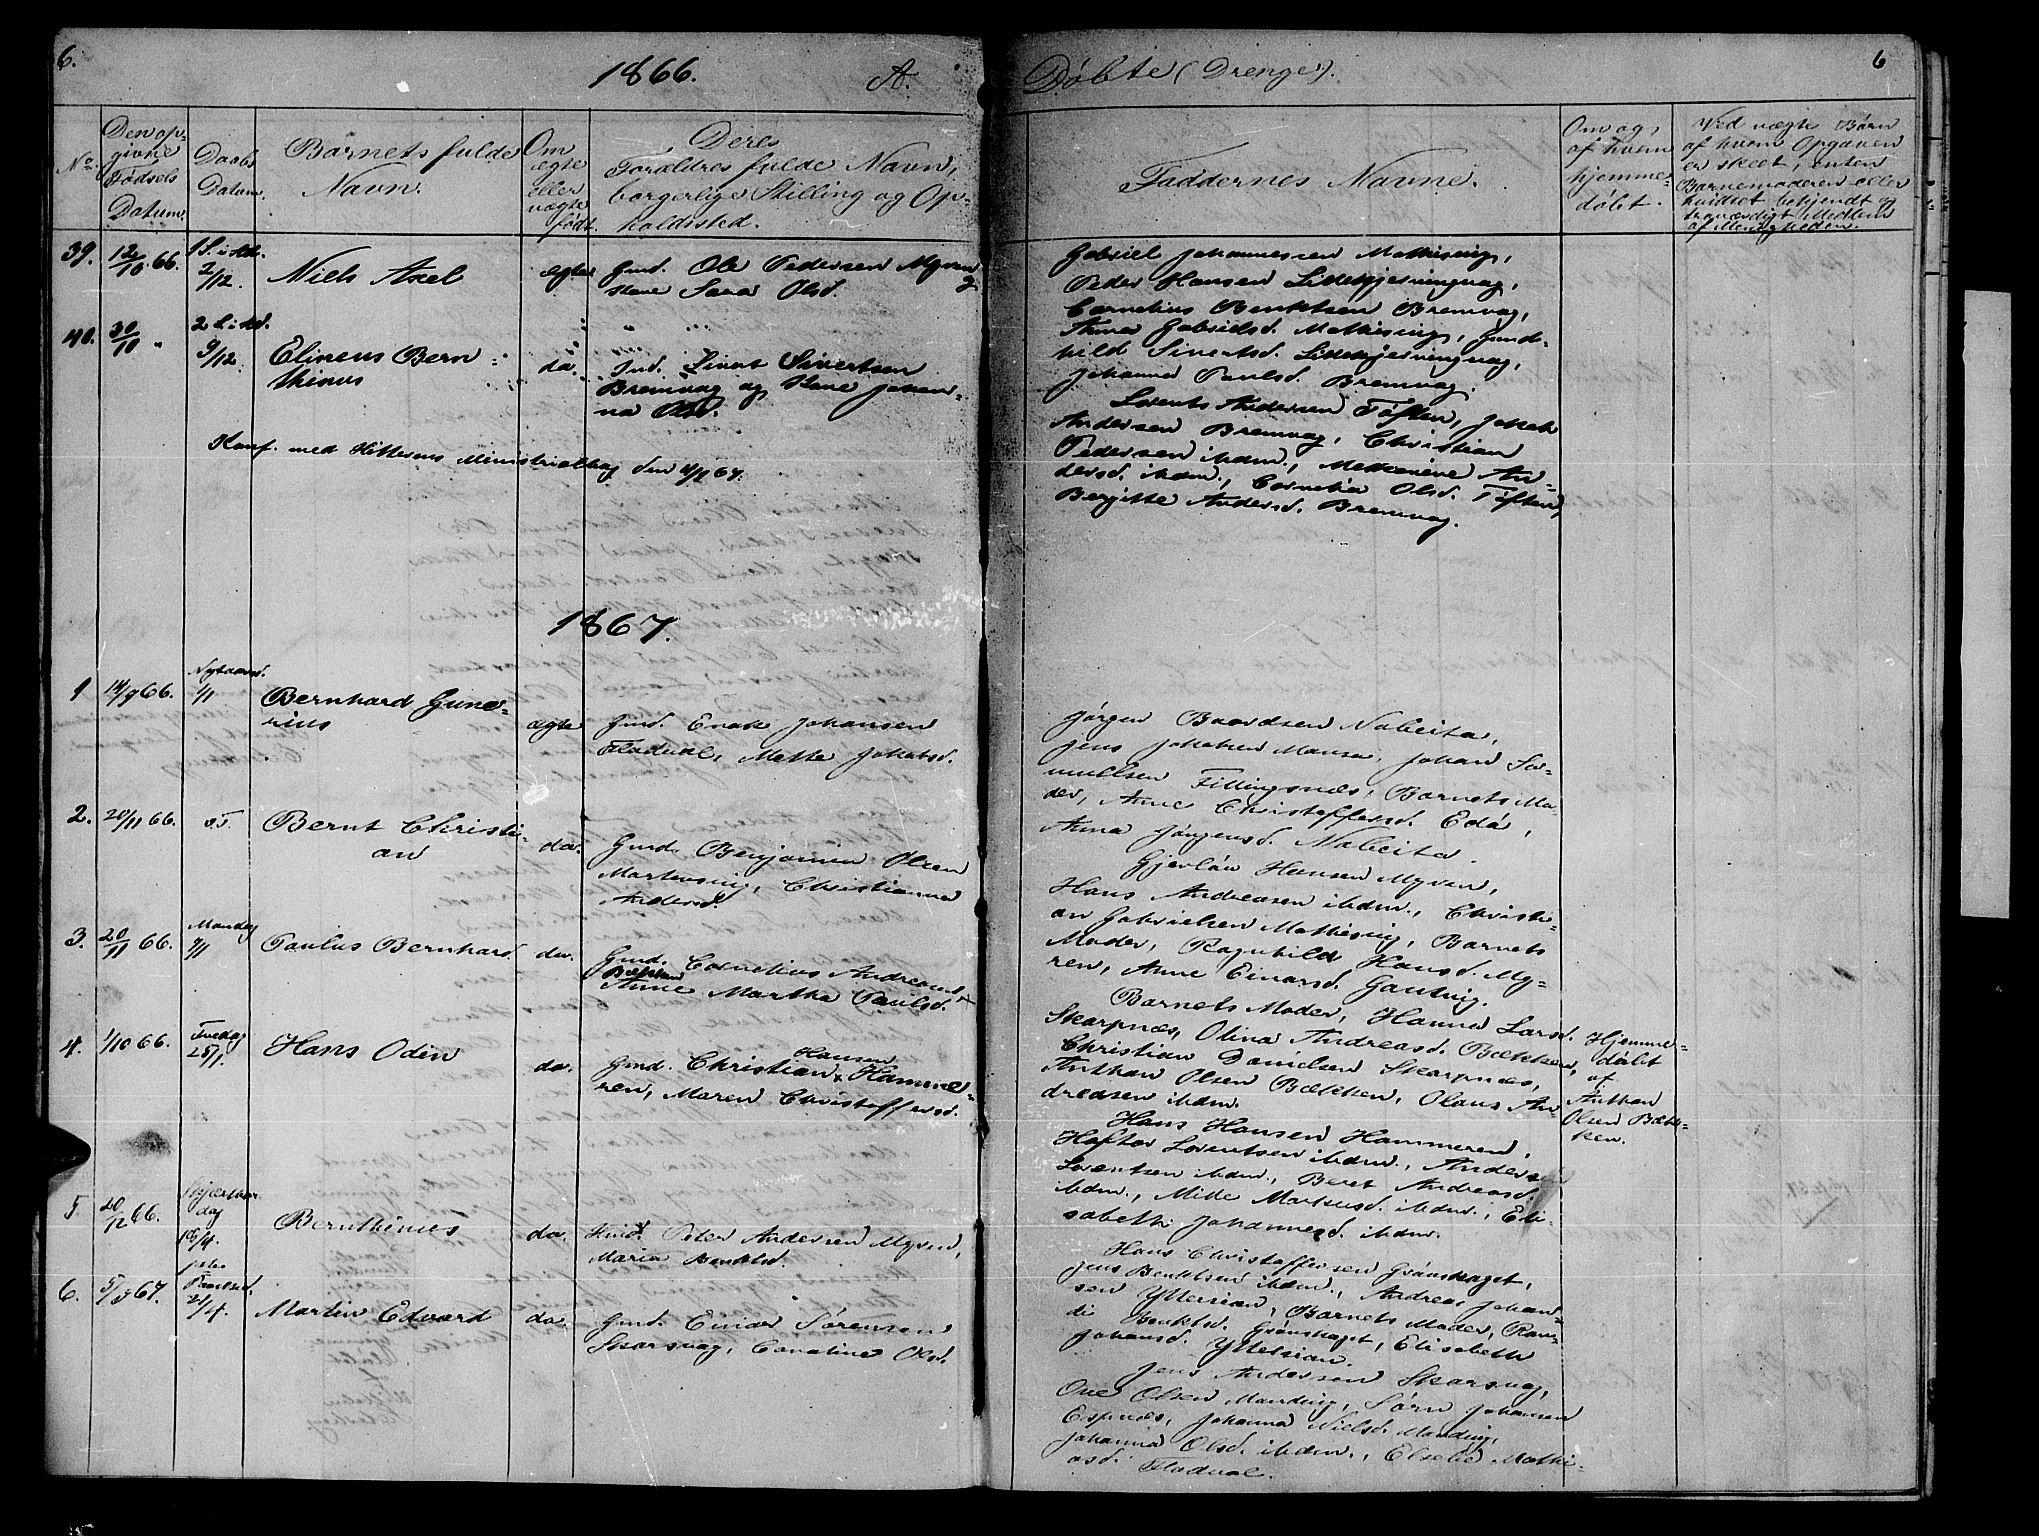 SAT, Ministerialprotokoller, klokkerbøker og fødselsregistre - Sør-Trøndelag, 634/L0539: Klokkerbok nr. 634C01, 1866-1873, s. 6